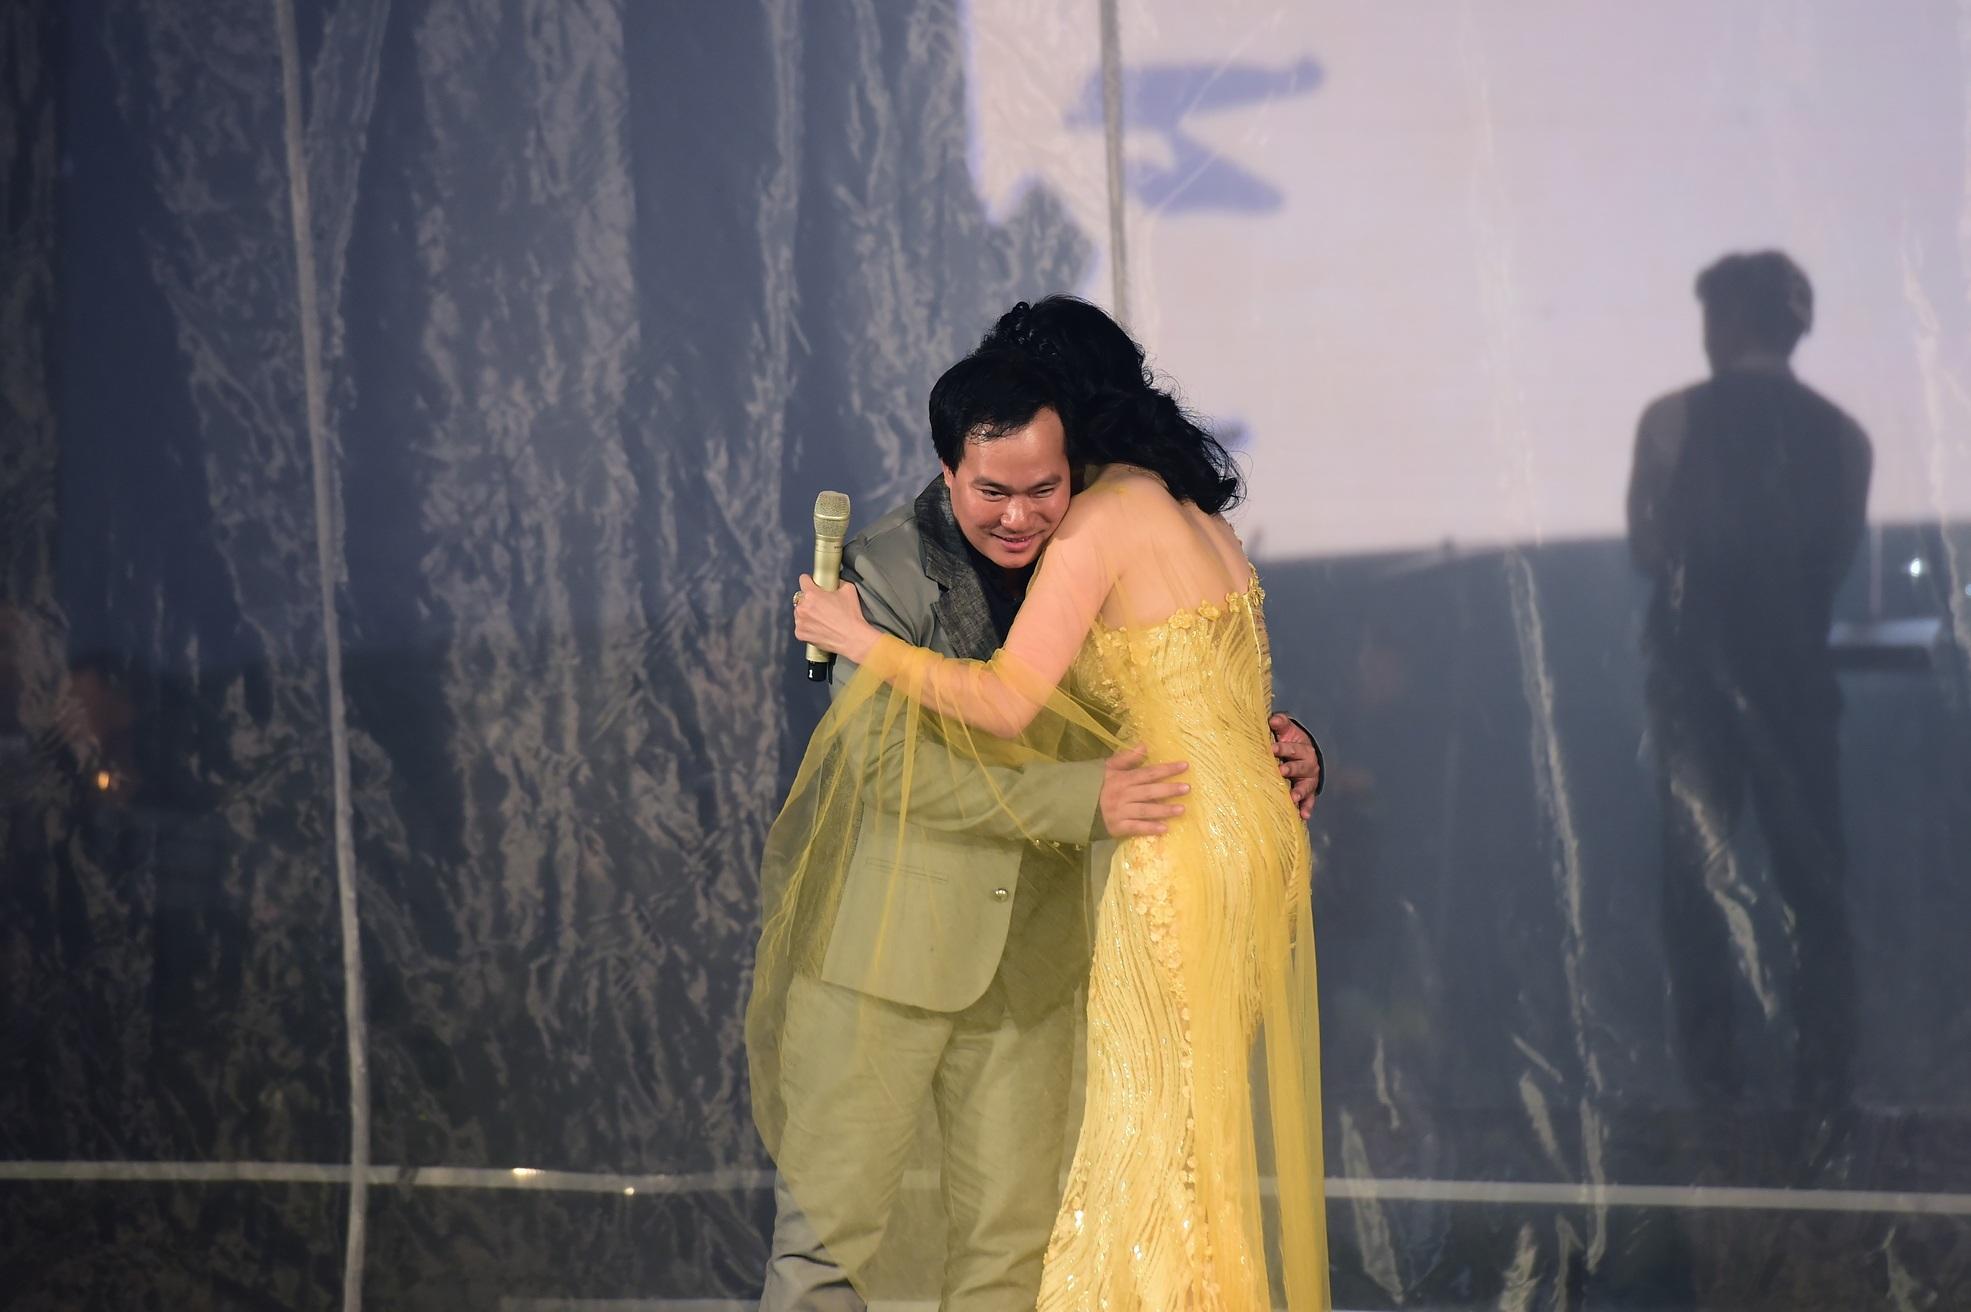 Nhạc sĩ Việt Anh cũng bất ngờ và có phần ngượng ngùng, thế nhưng Thu Phương khá thoải mái.